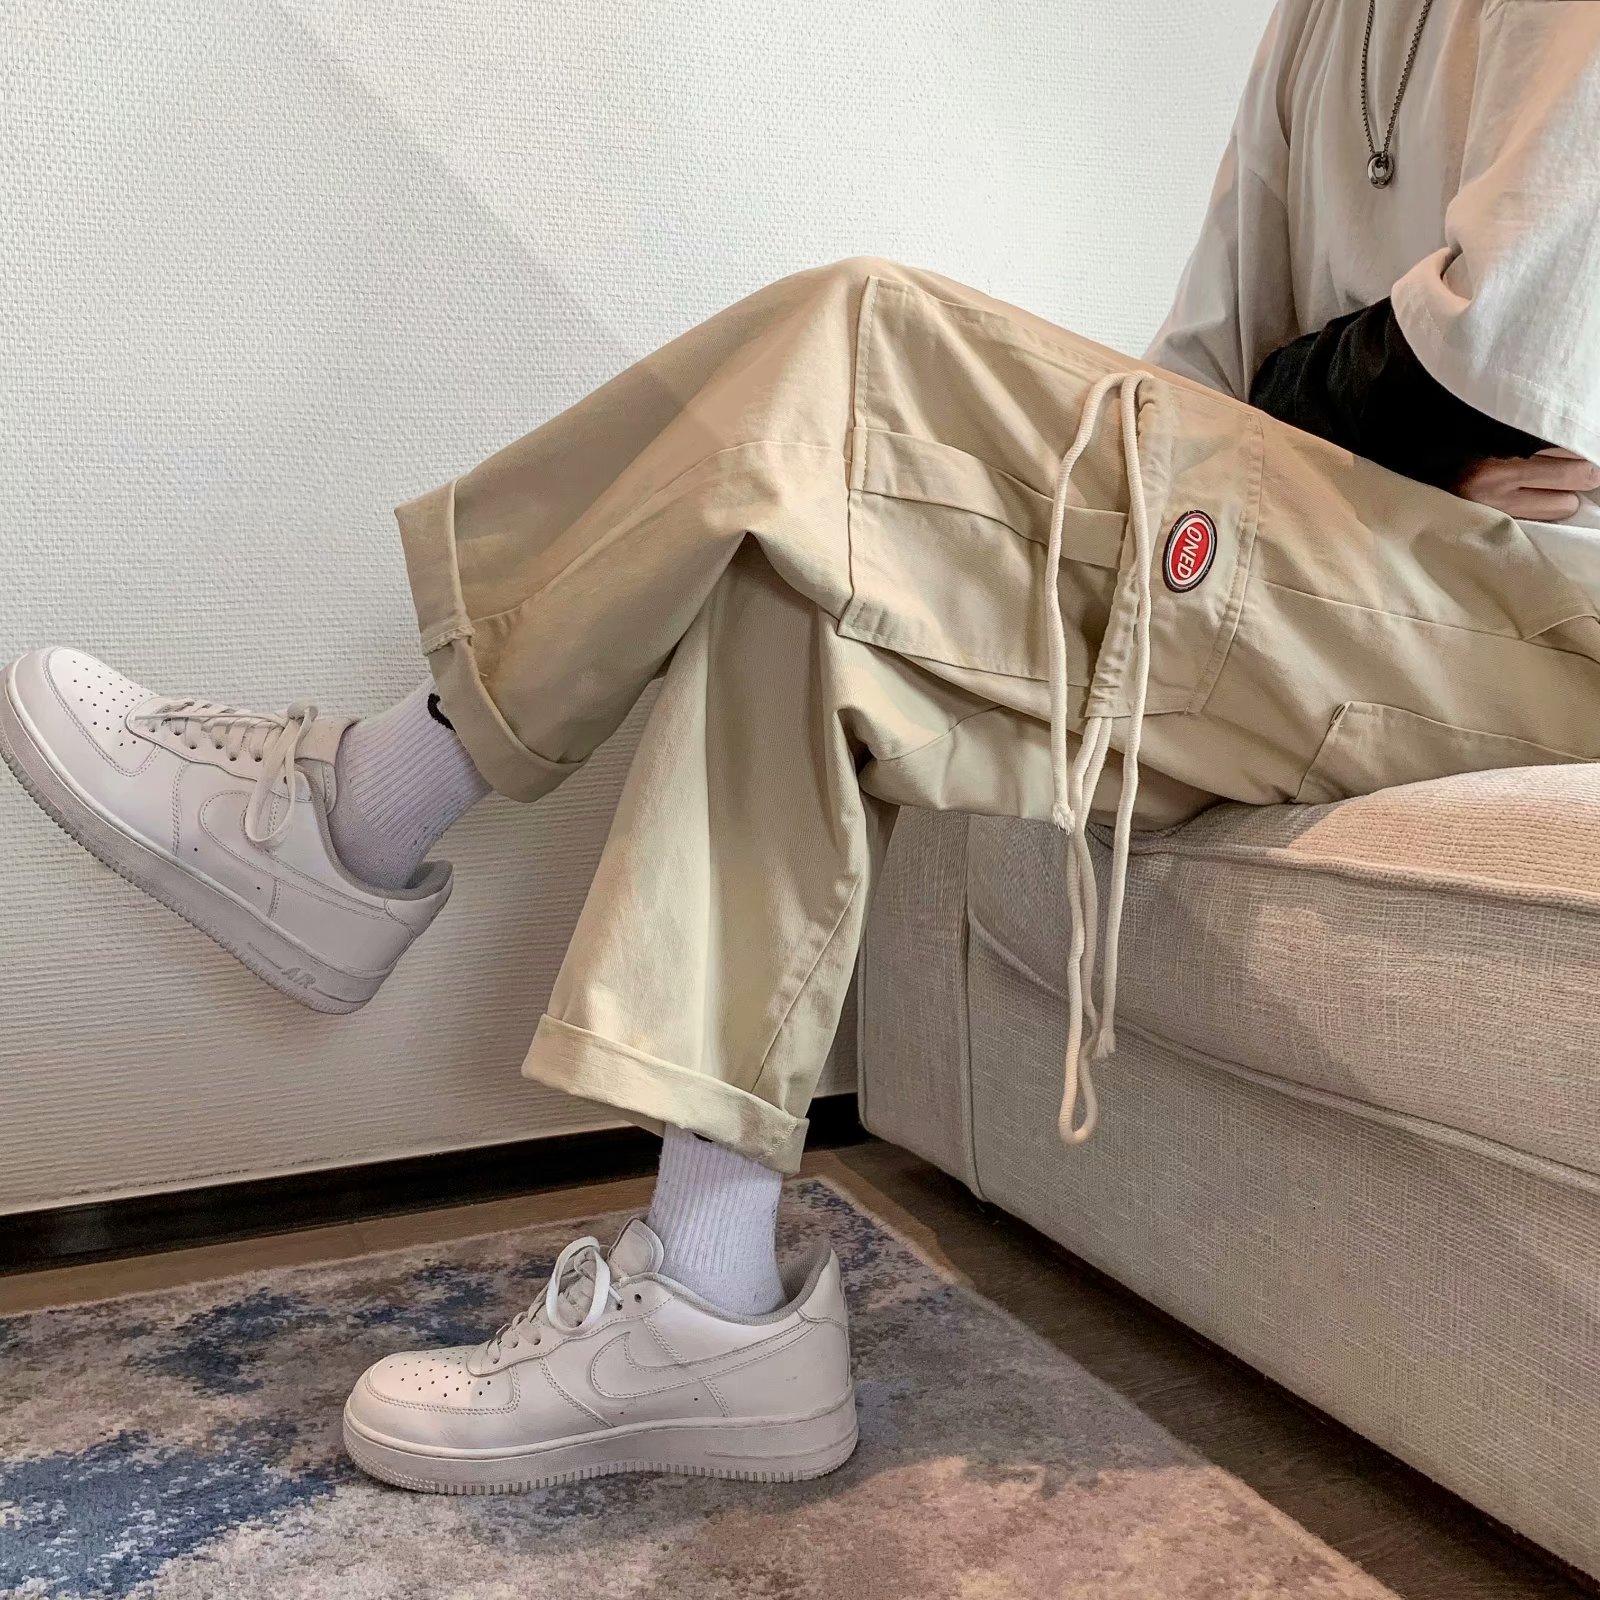 日系工装裤小个子夏季直筒宽松显瘦阔腿休闲裤子2021新款ins潮